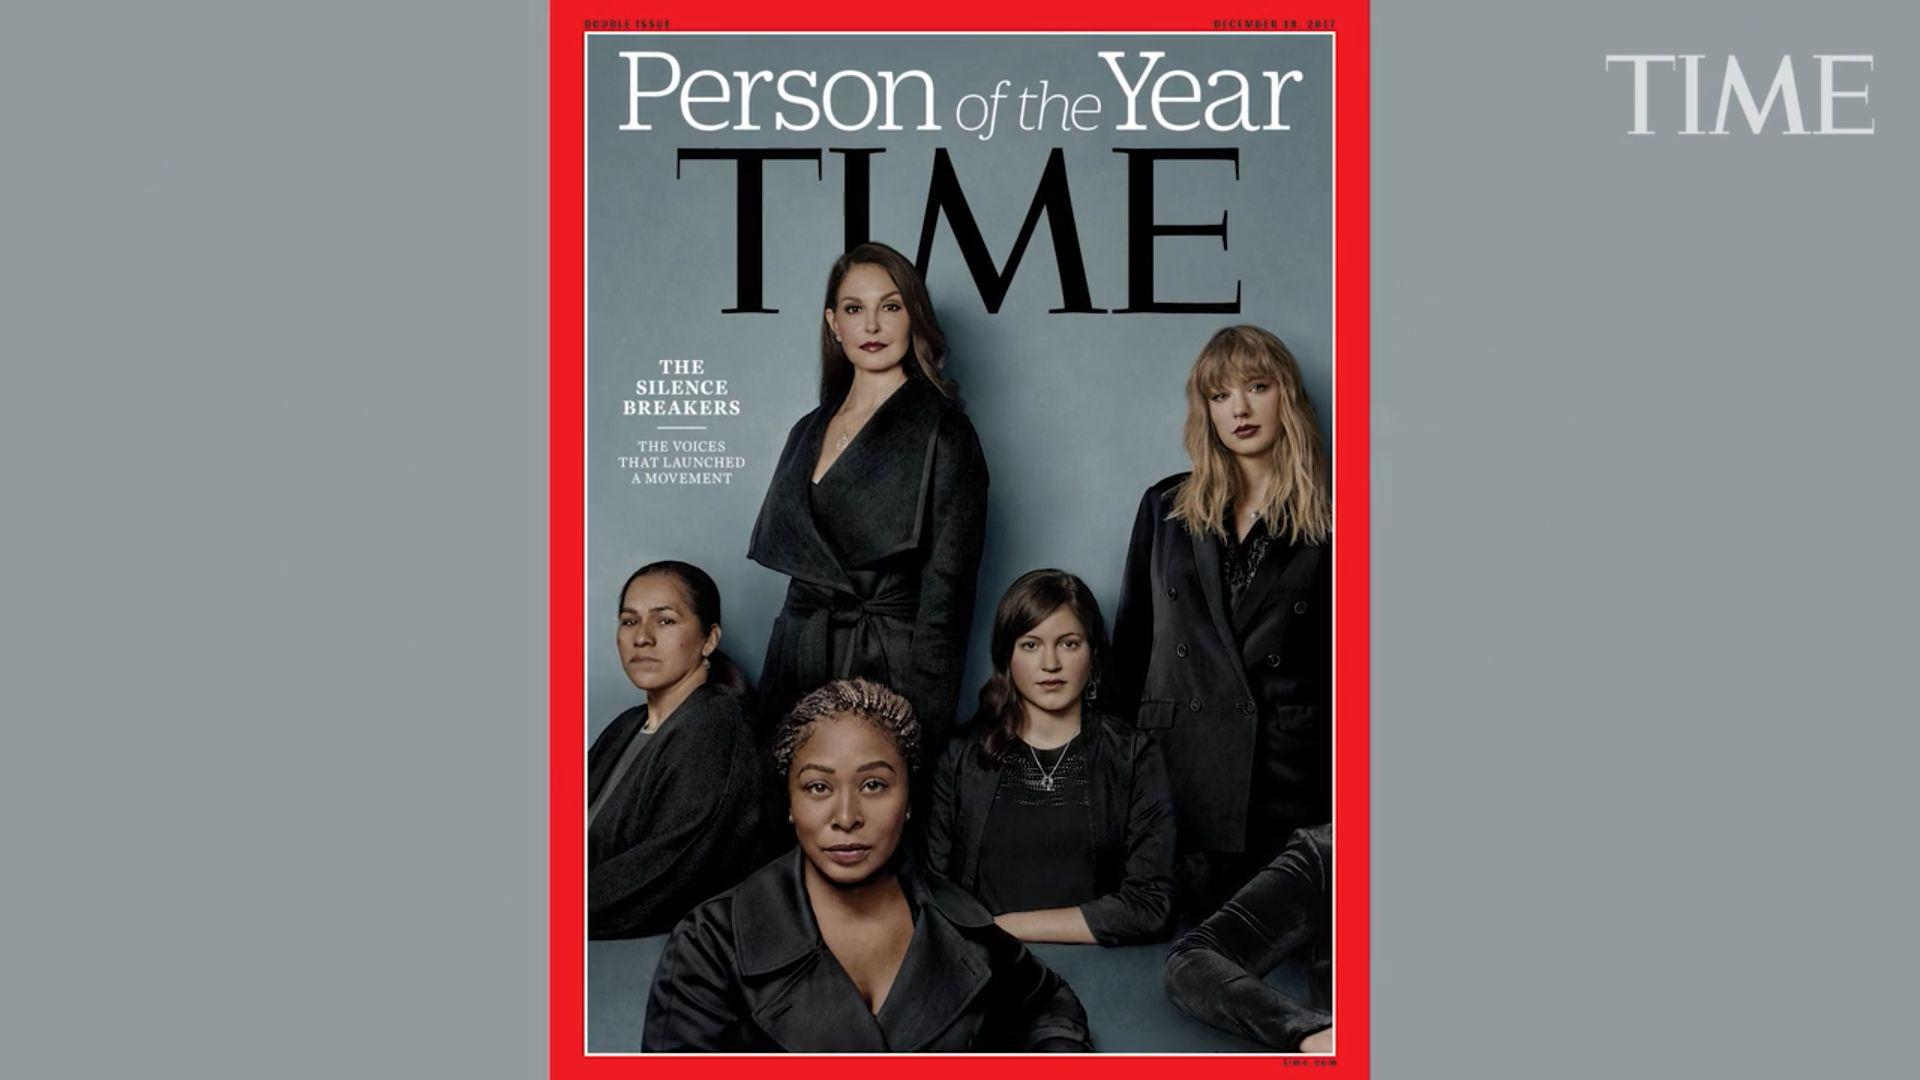 Time magazine portada persona del año